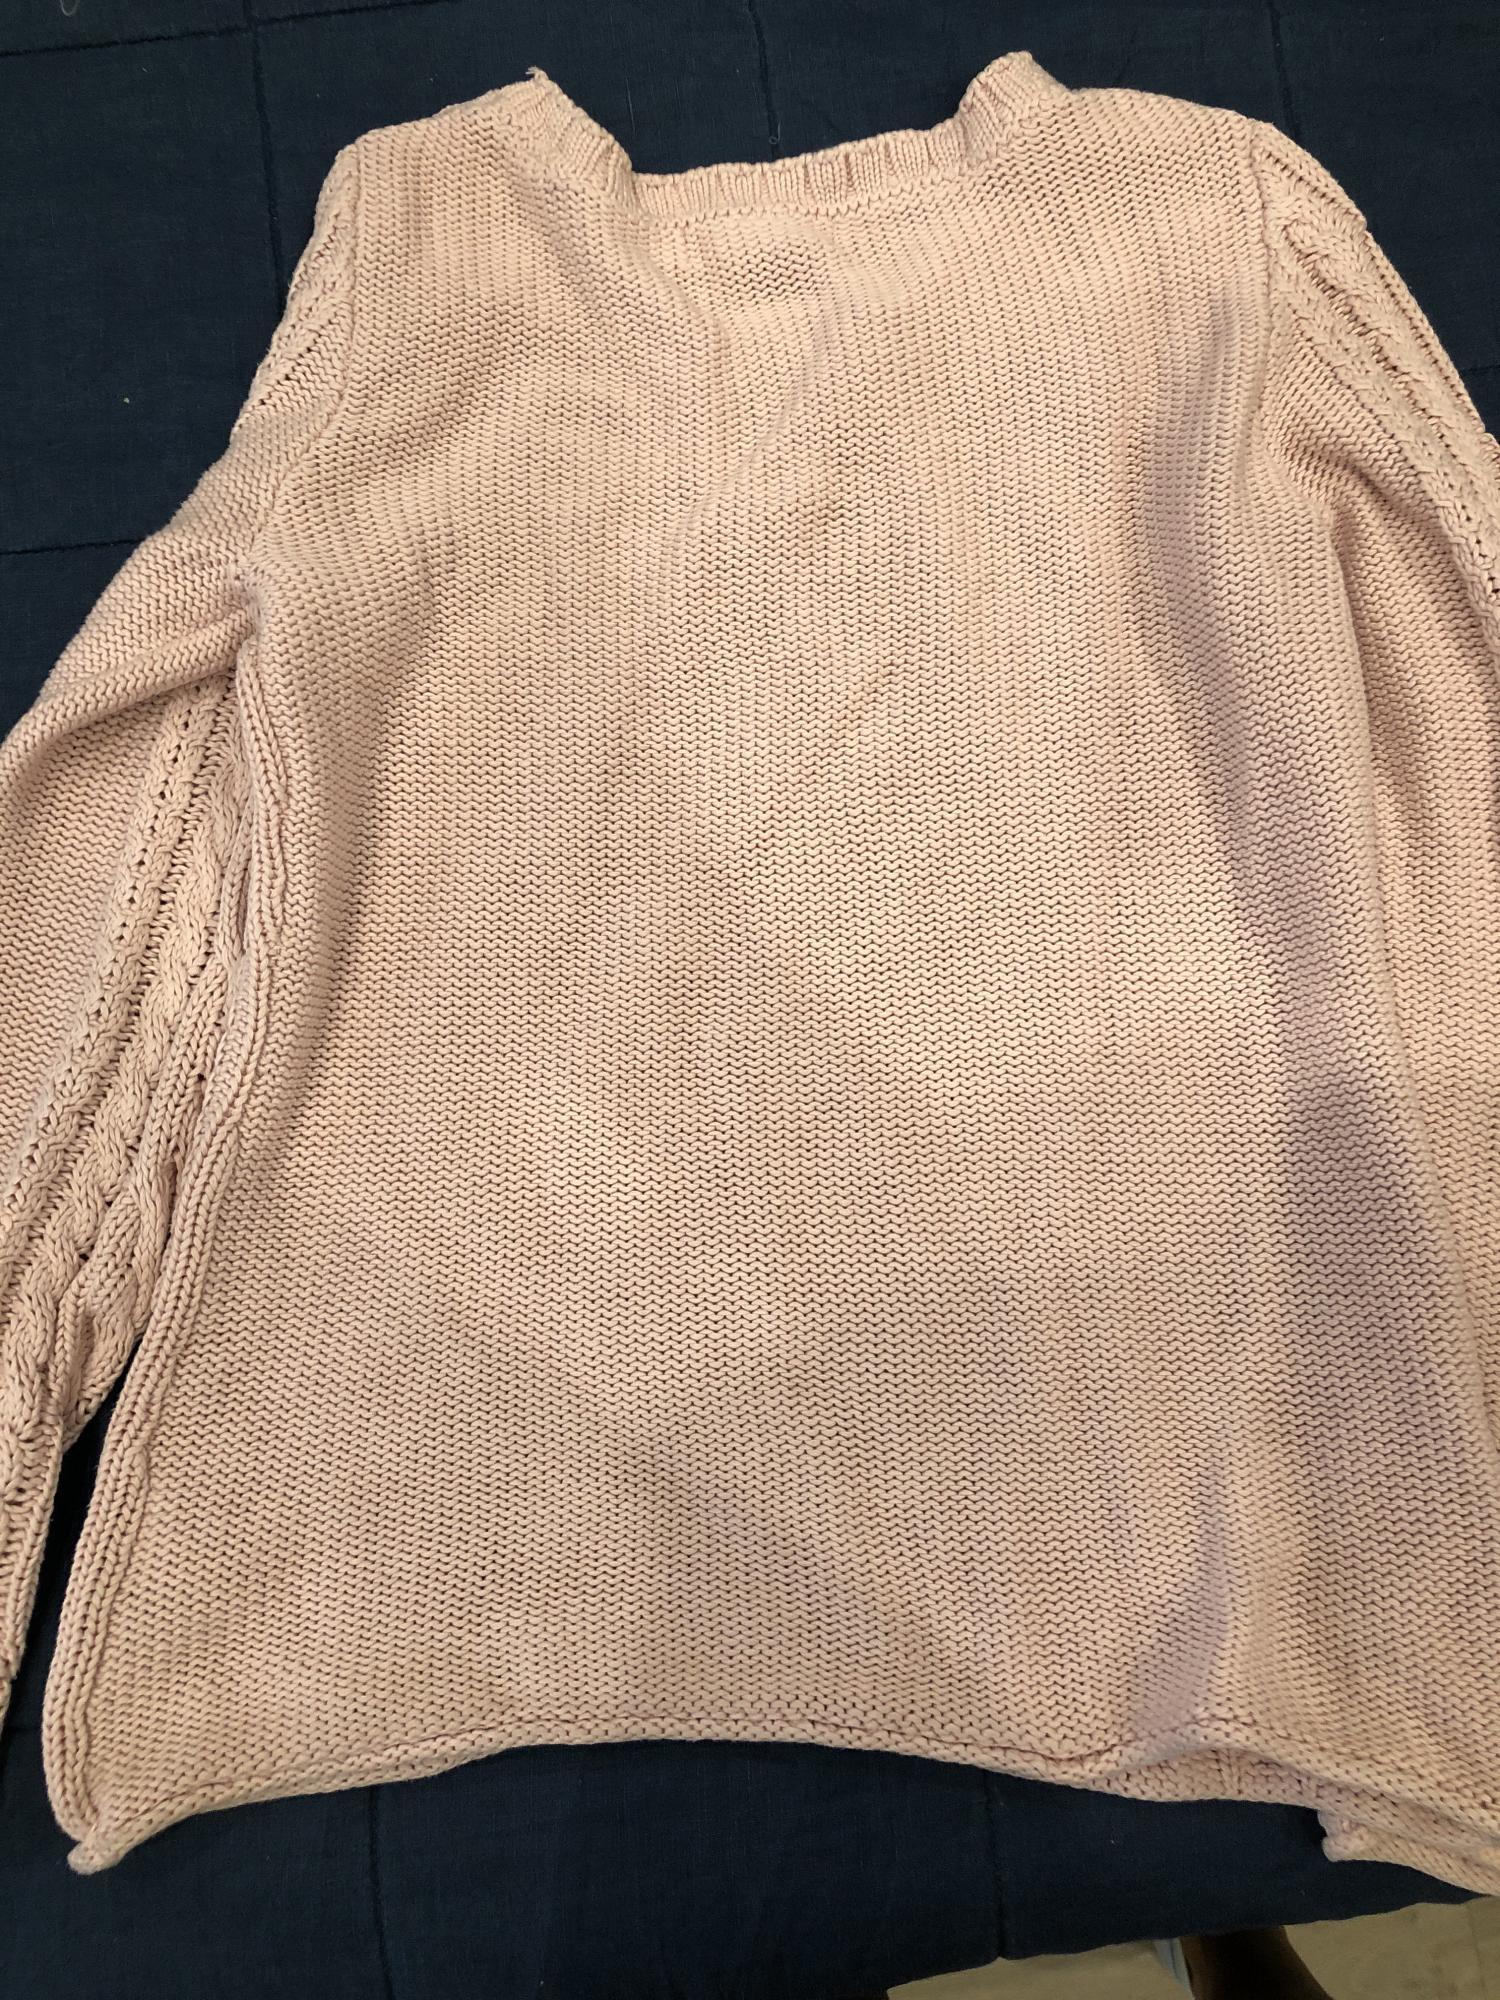 Женский свитер 89036262558 купить 3